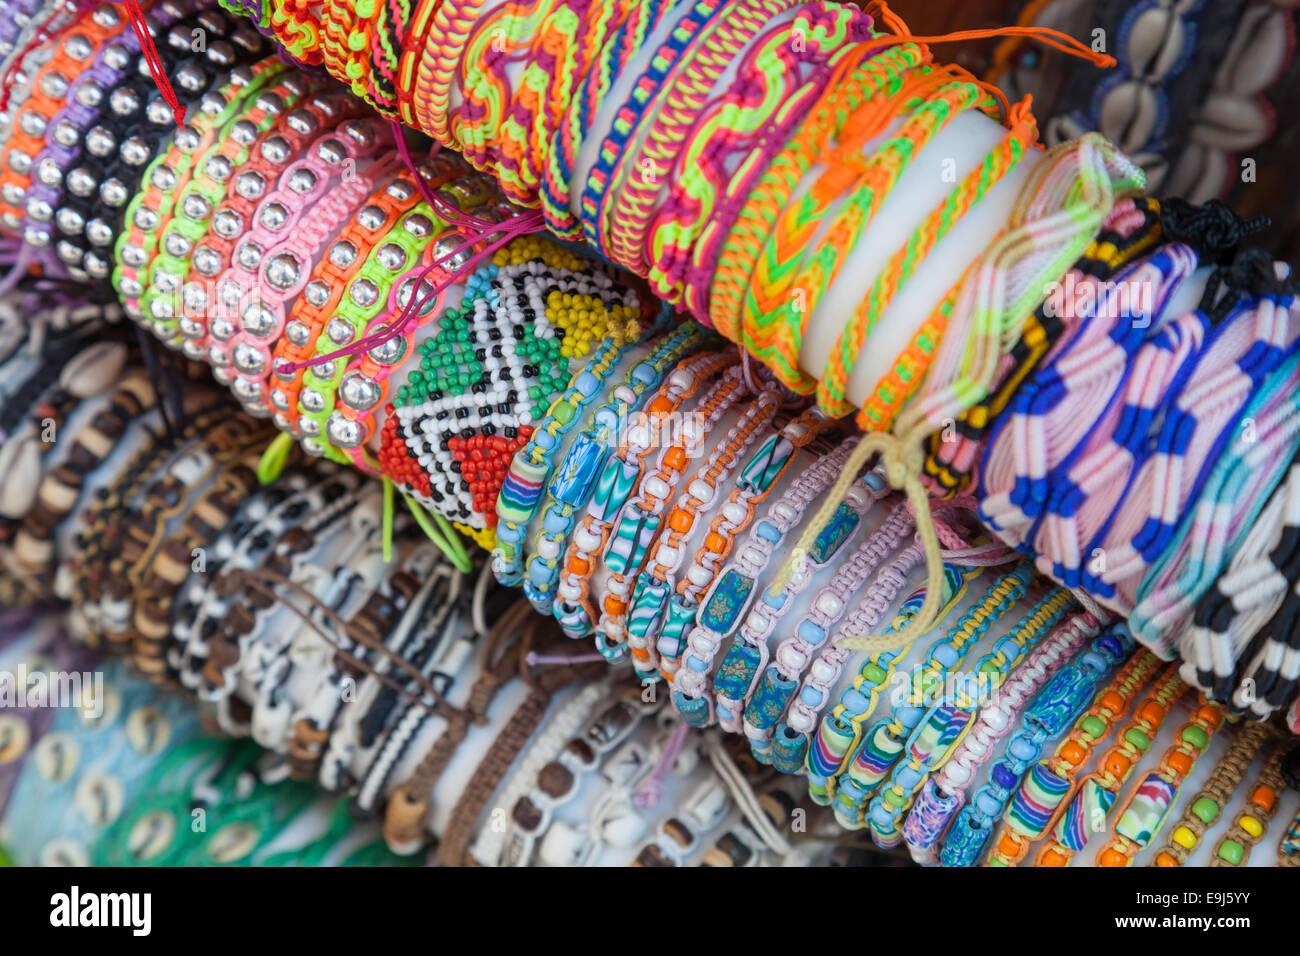 012b7bb39eed Coloridas pulseras artesanales hechas de abalorios e hilo en el ...